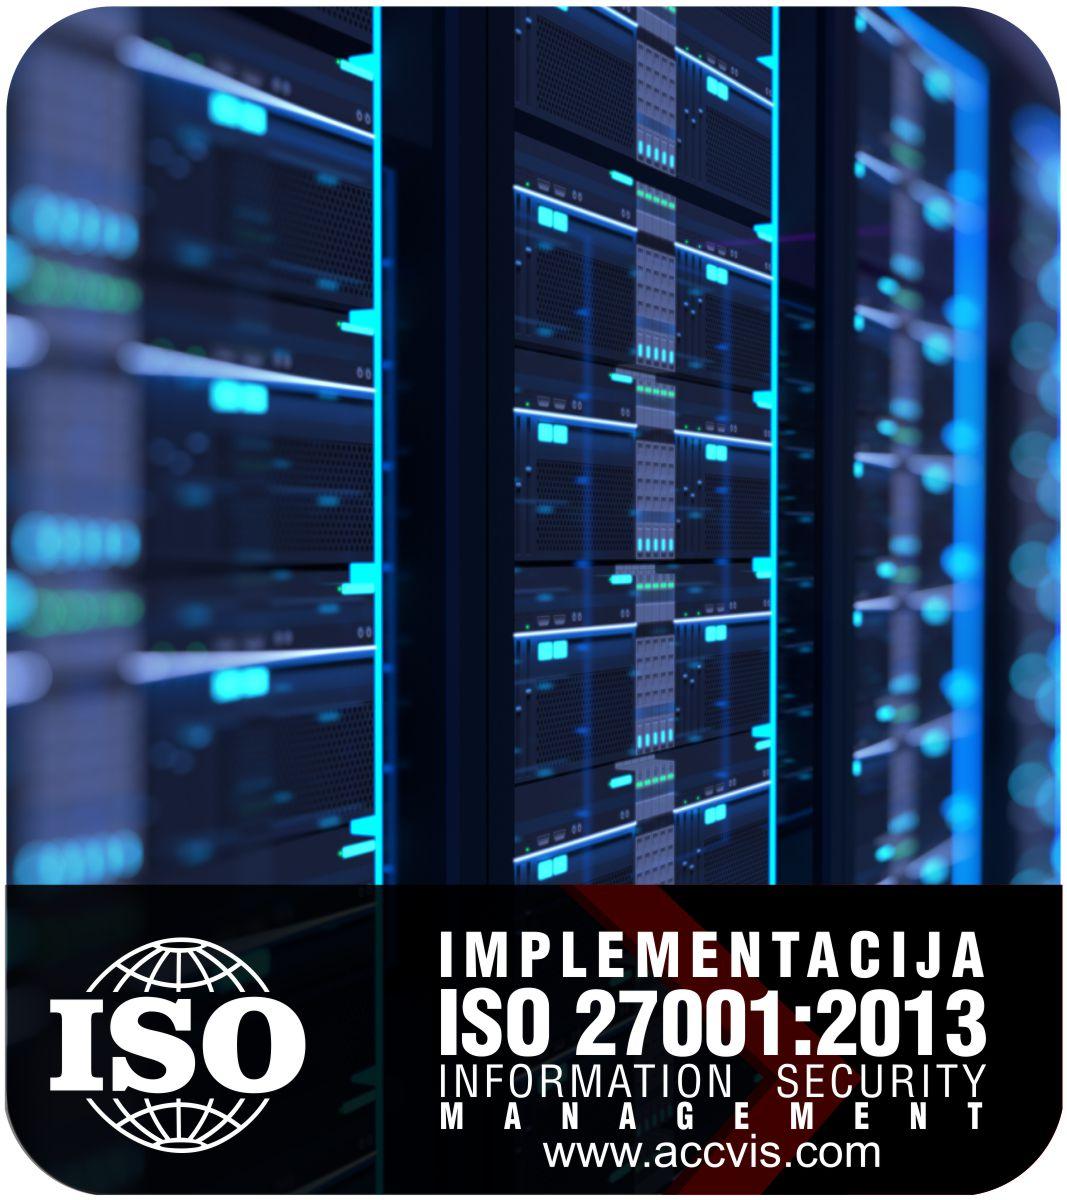 Uvodjenje standarda ISO 27001:2013